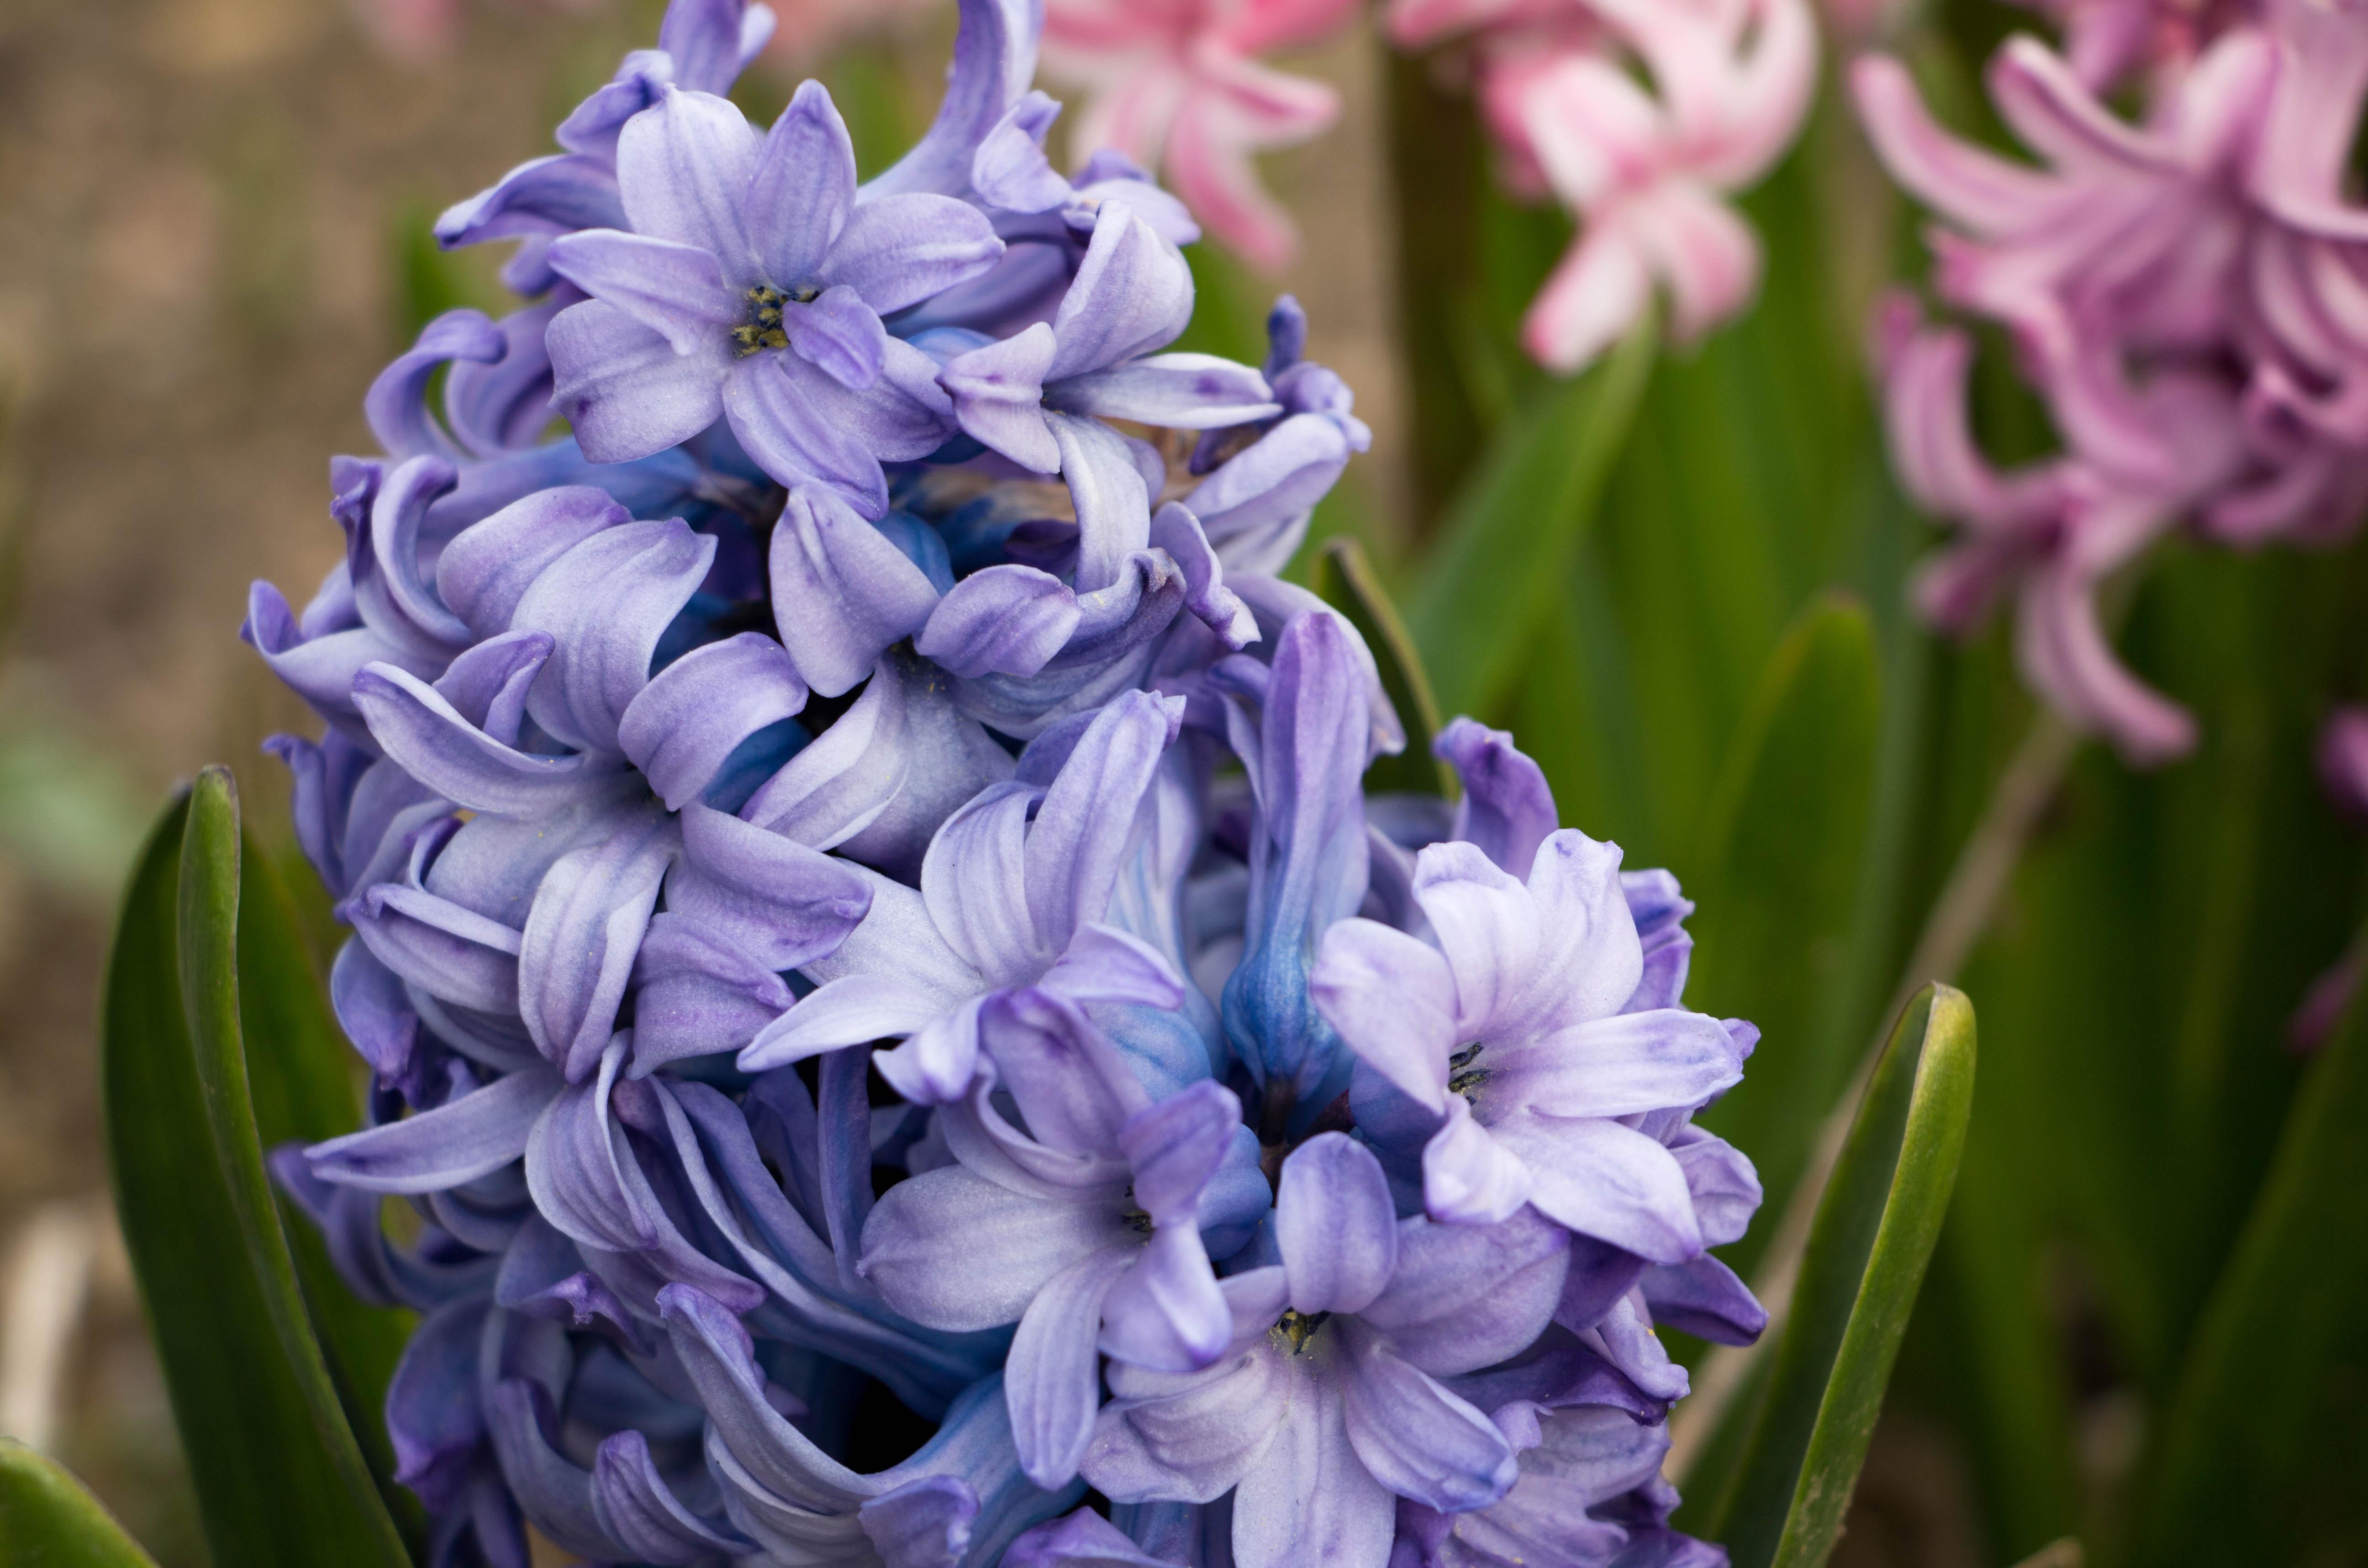 Free Images Petal Botany Blue Garden Close Flora Violet